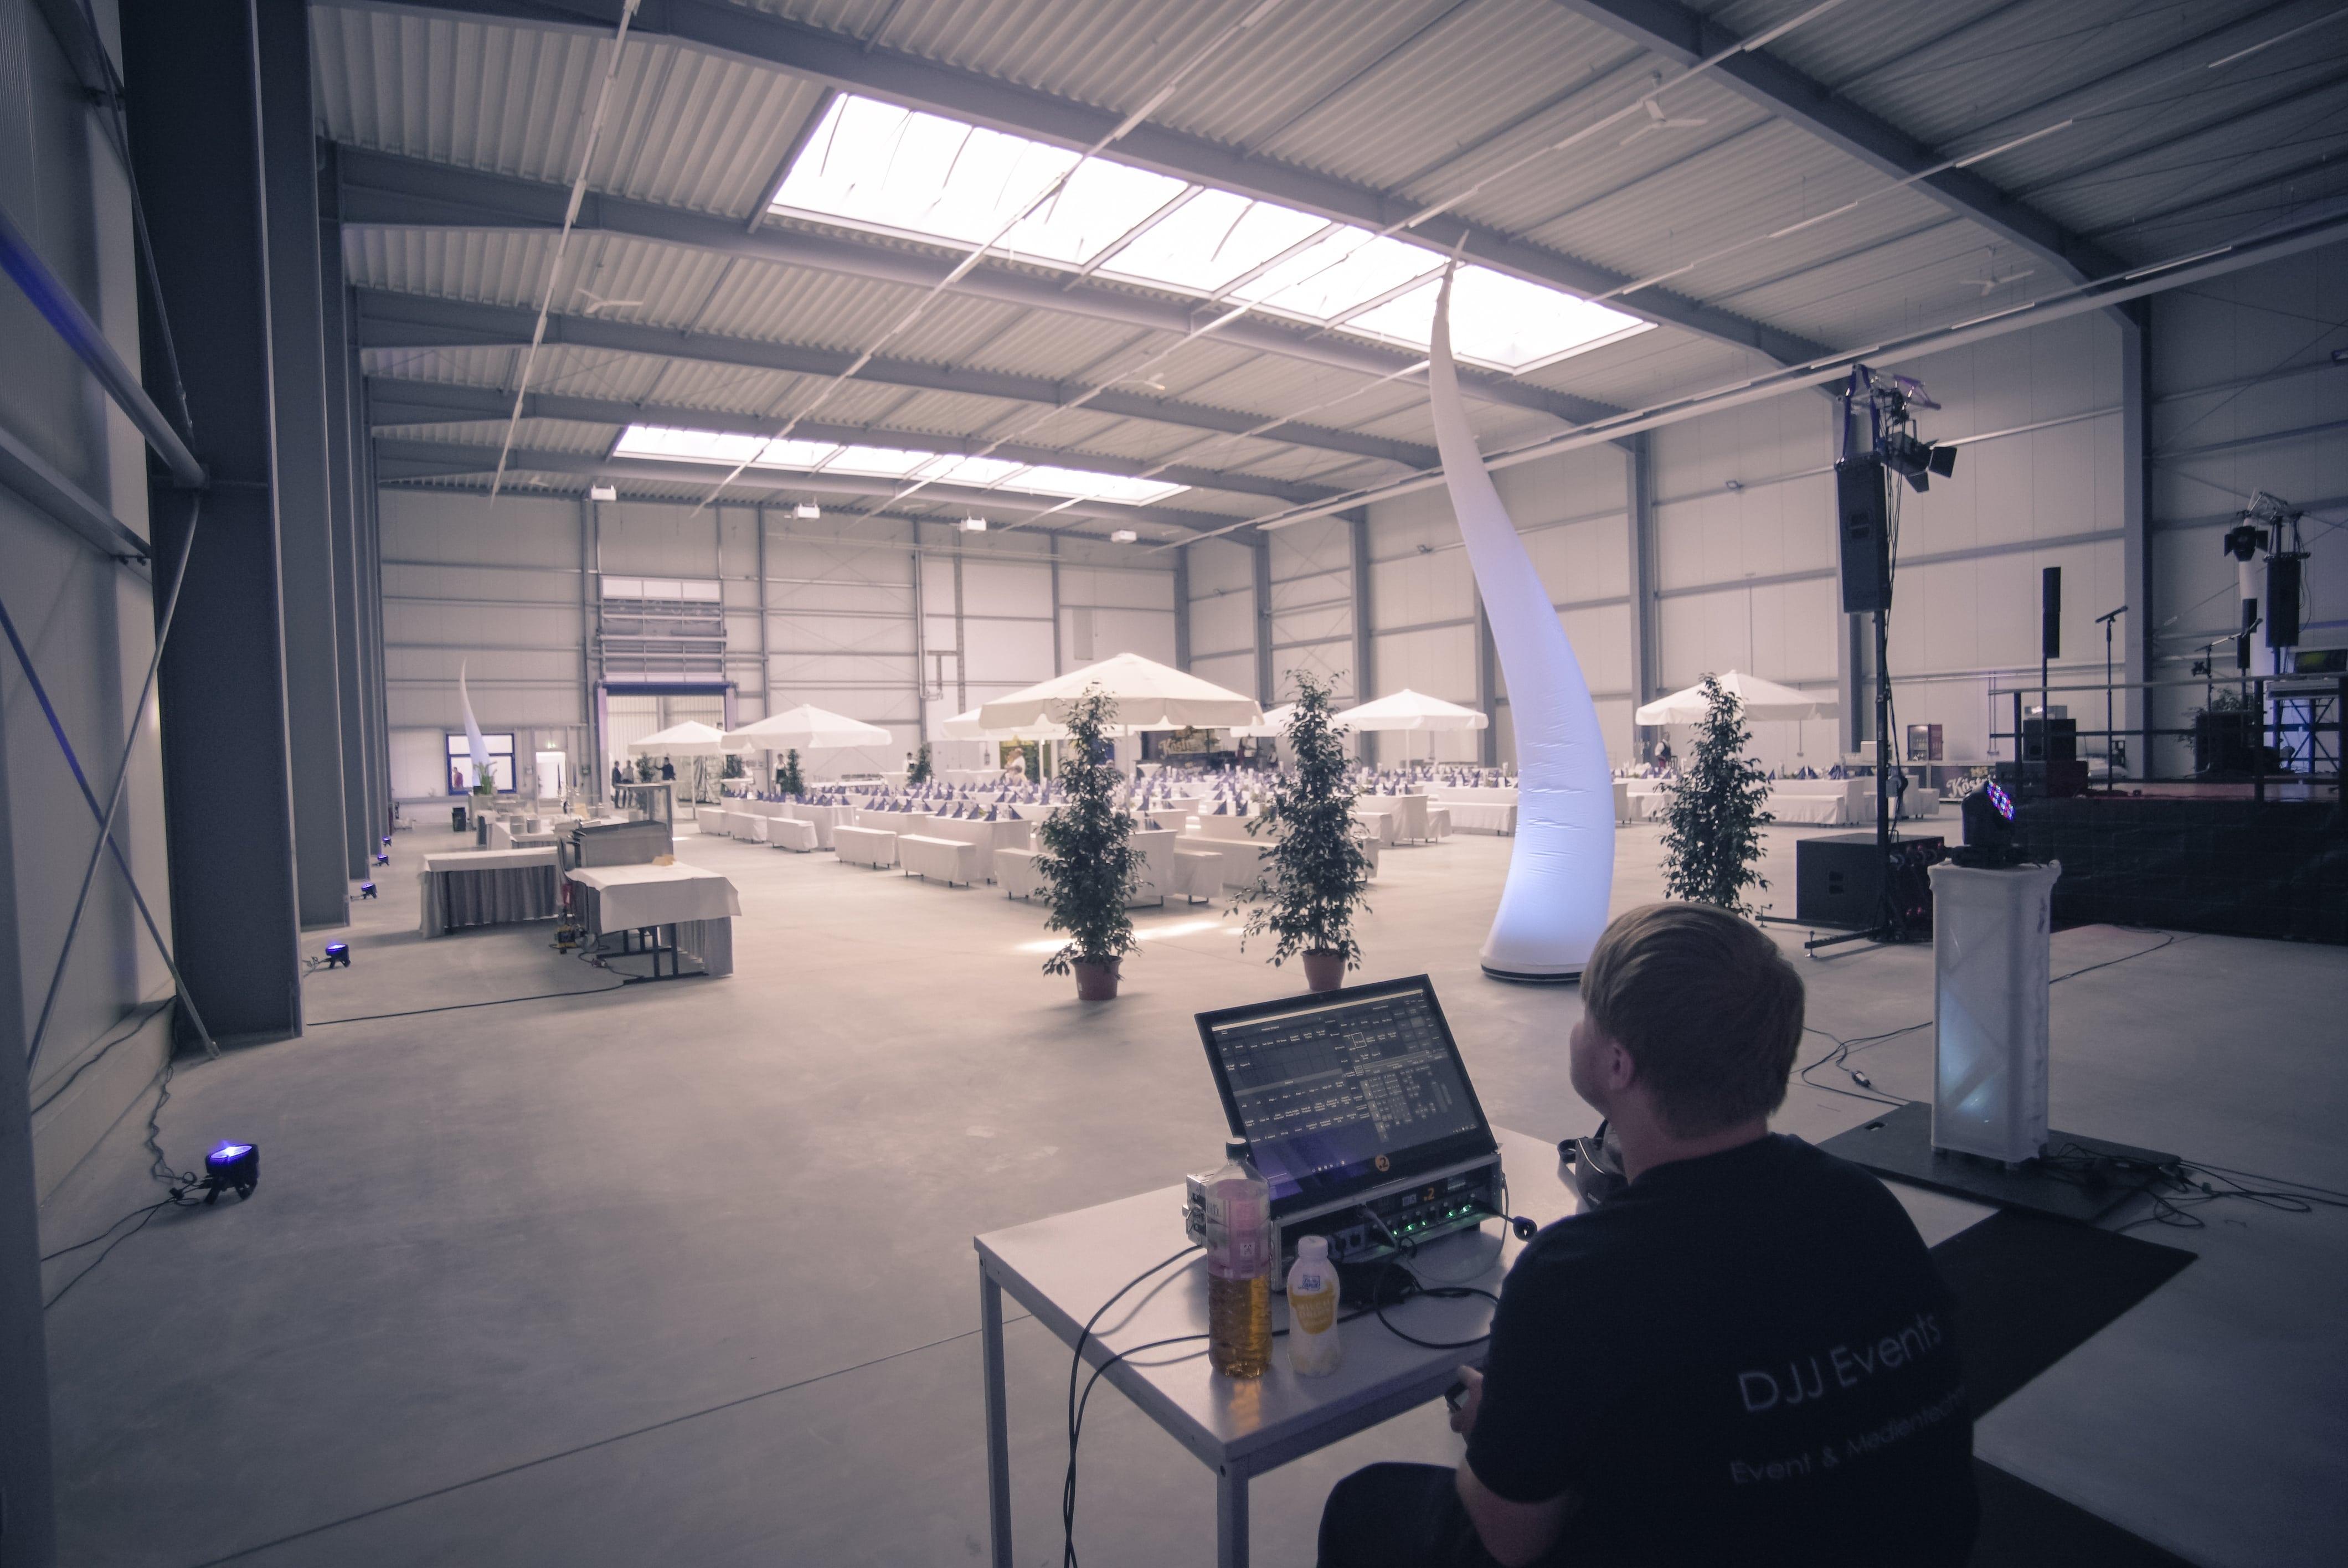 DJJ Events GbR - Veranstaltungstechnik | Service | Verleih